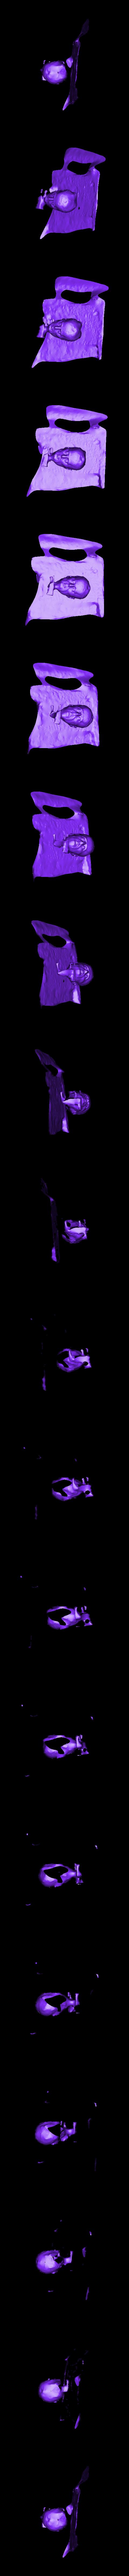 viewable_v4.stl Télécharger fichier OBJ gratuit Tête d'un clerc d'une effigie de tombeau • Plan pour imprimante 3D, metmuseum